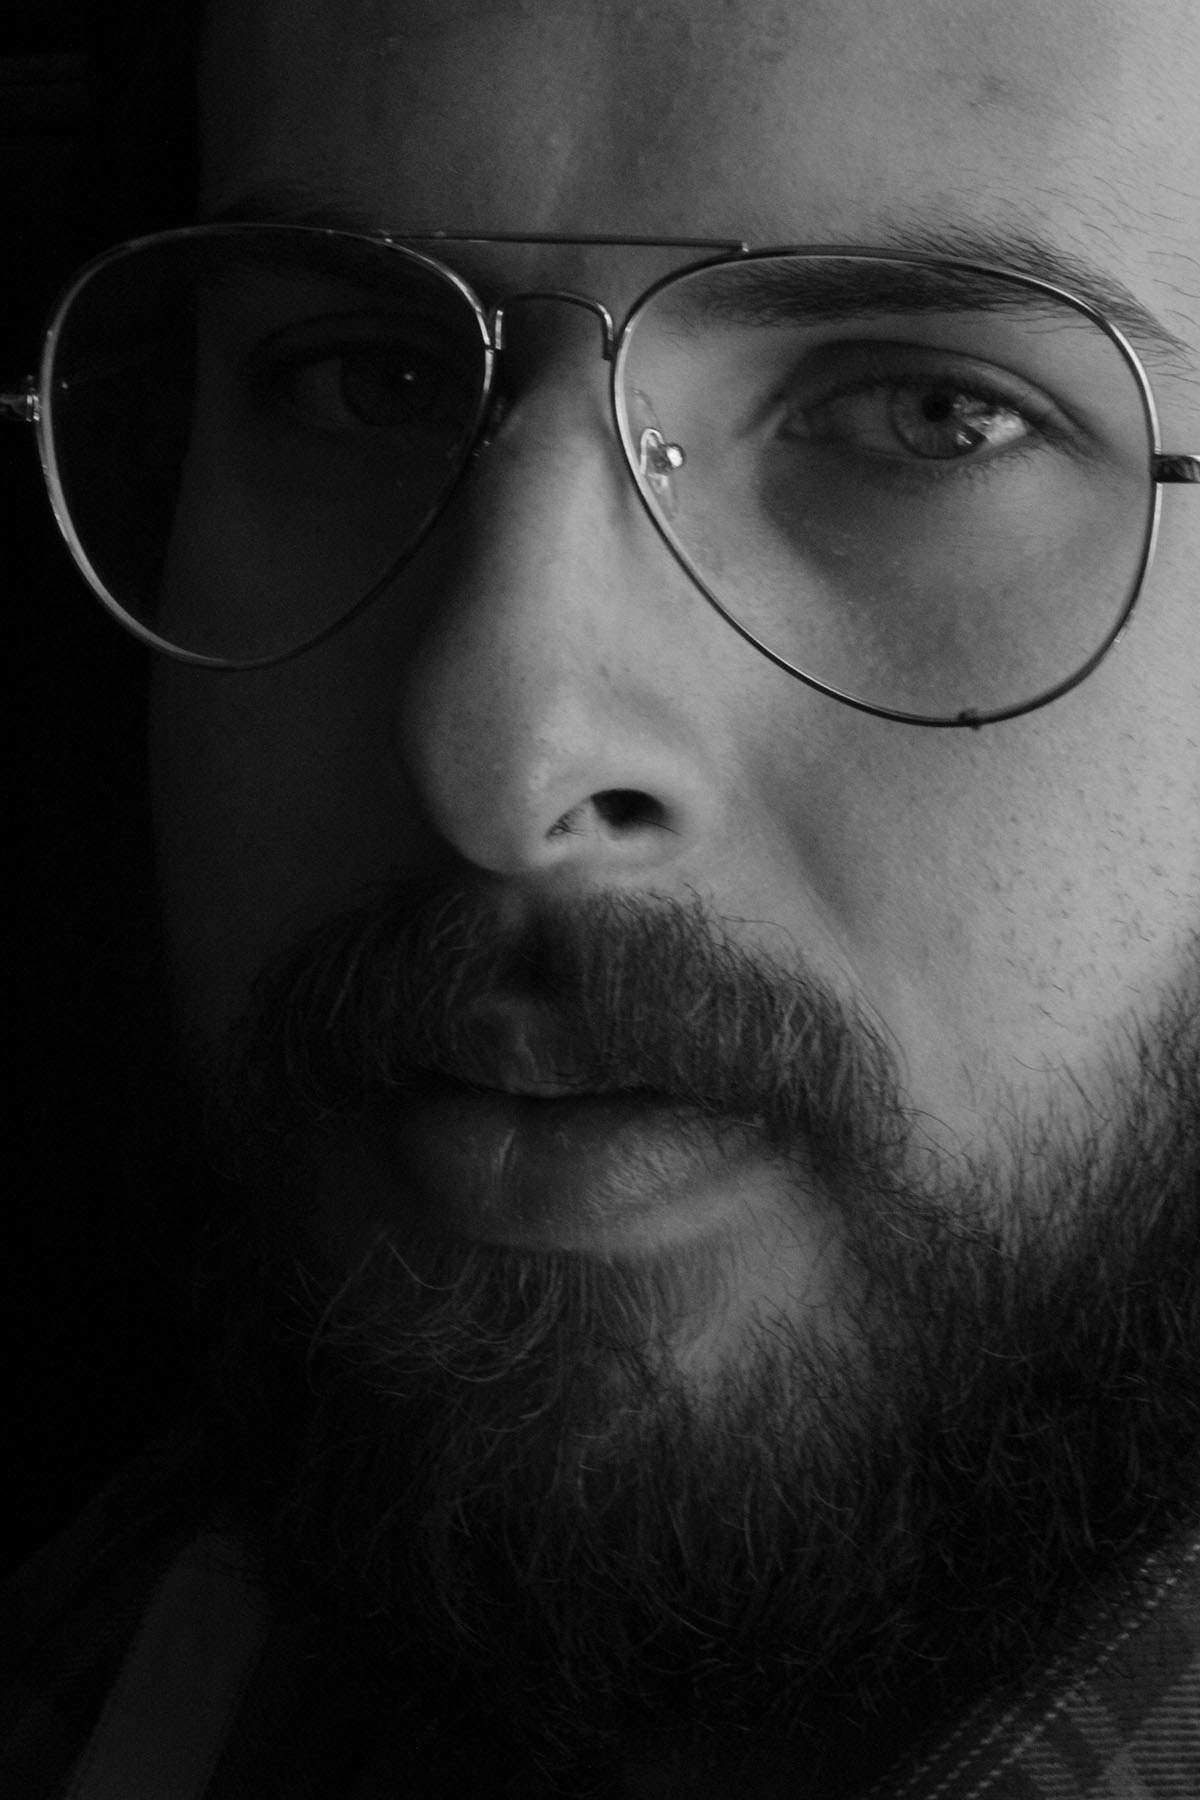 Juan_Andrés_García_segun_trimestre_foto_